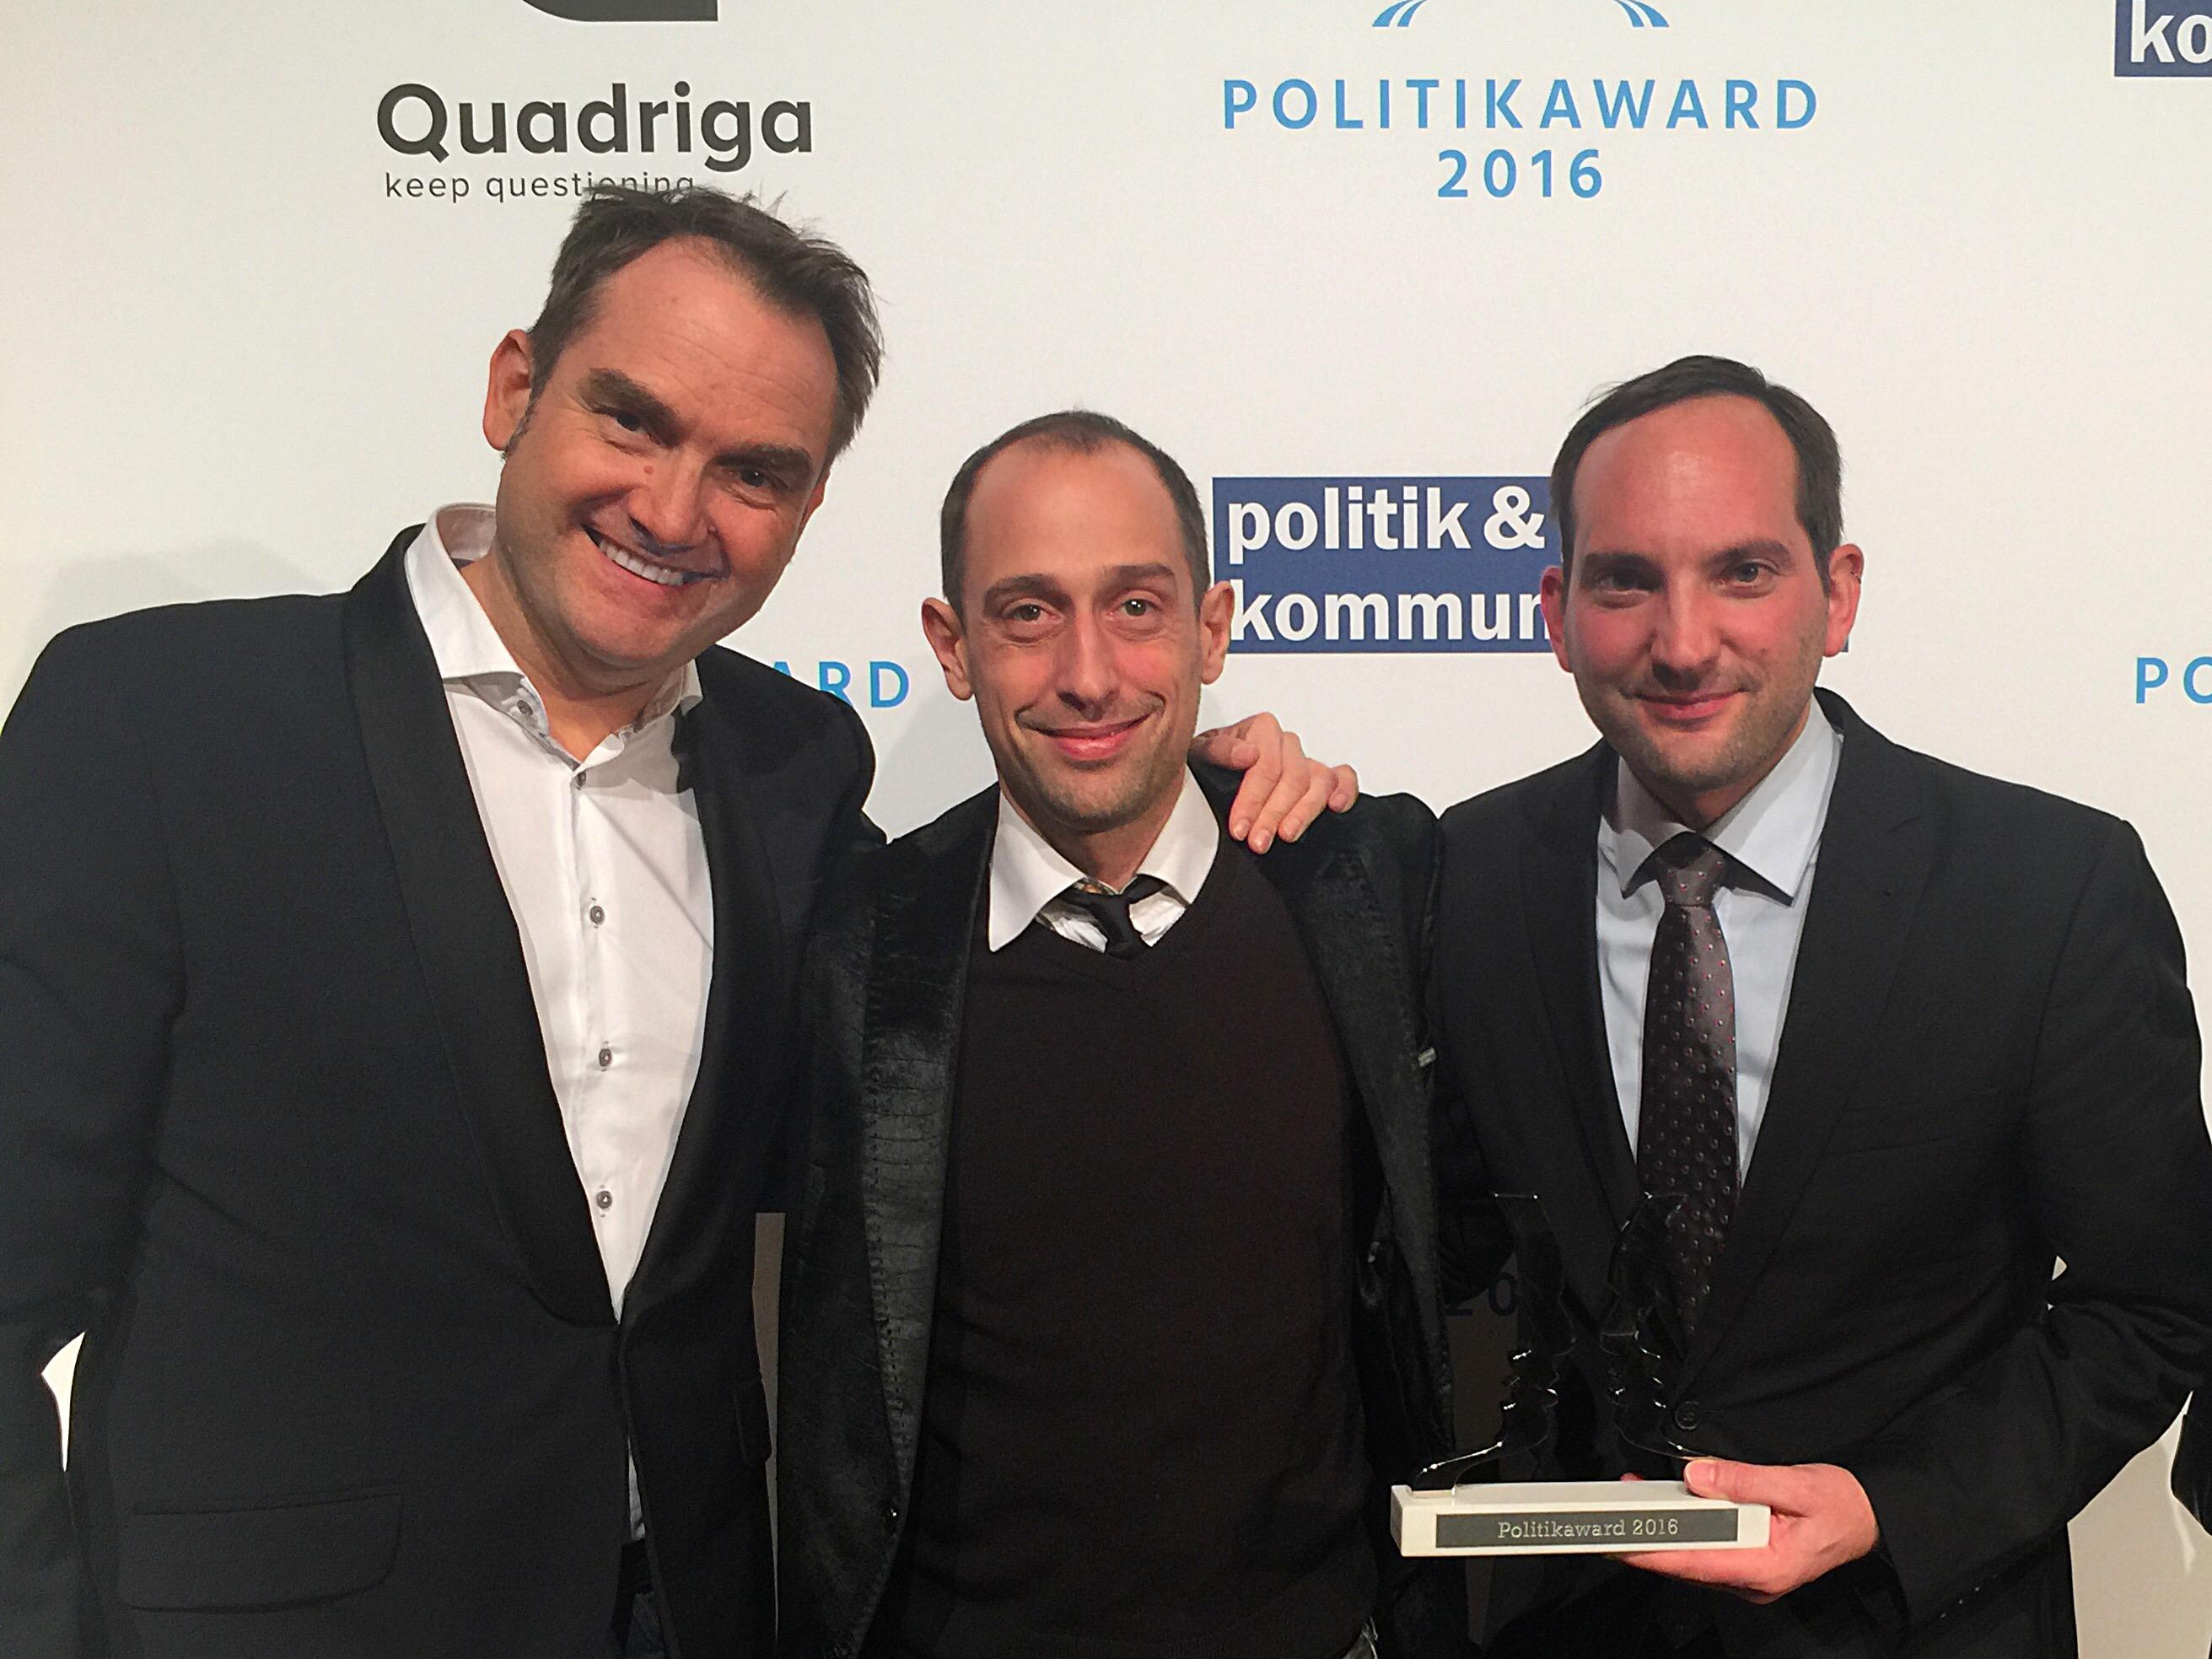 Freuen sich über den Gewinn des Politikawards 2016: v.l.n.r. Dr. Oliver Grün, Vorstand und CEO der GRÜN Software AG, Patrick Heinker, Creative Director bei giftGRÜN und Markus Klügel von der dbb Jugend NRW